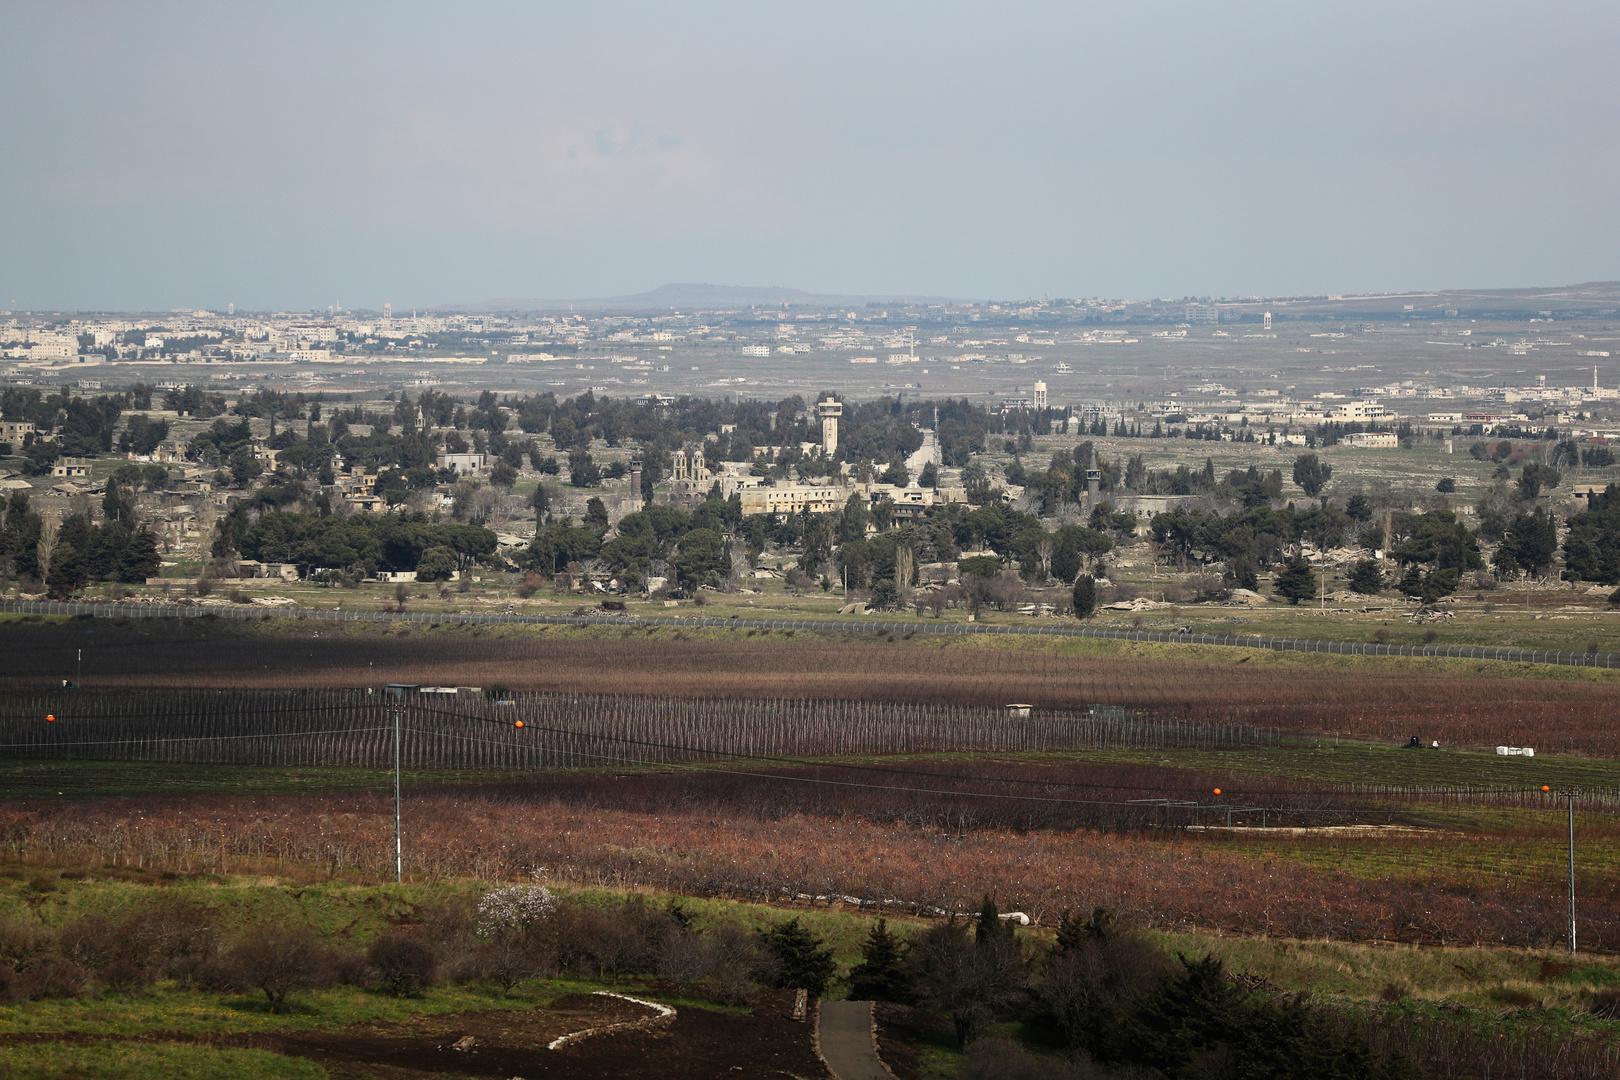 انفجار قذيفة قرب السياج الحدودي بين إسرائيل وسوريا